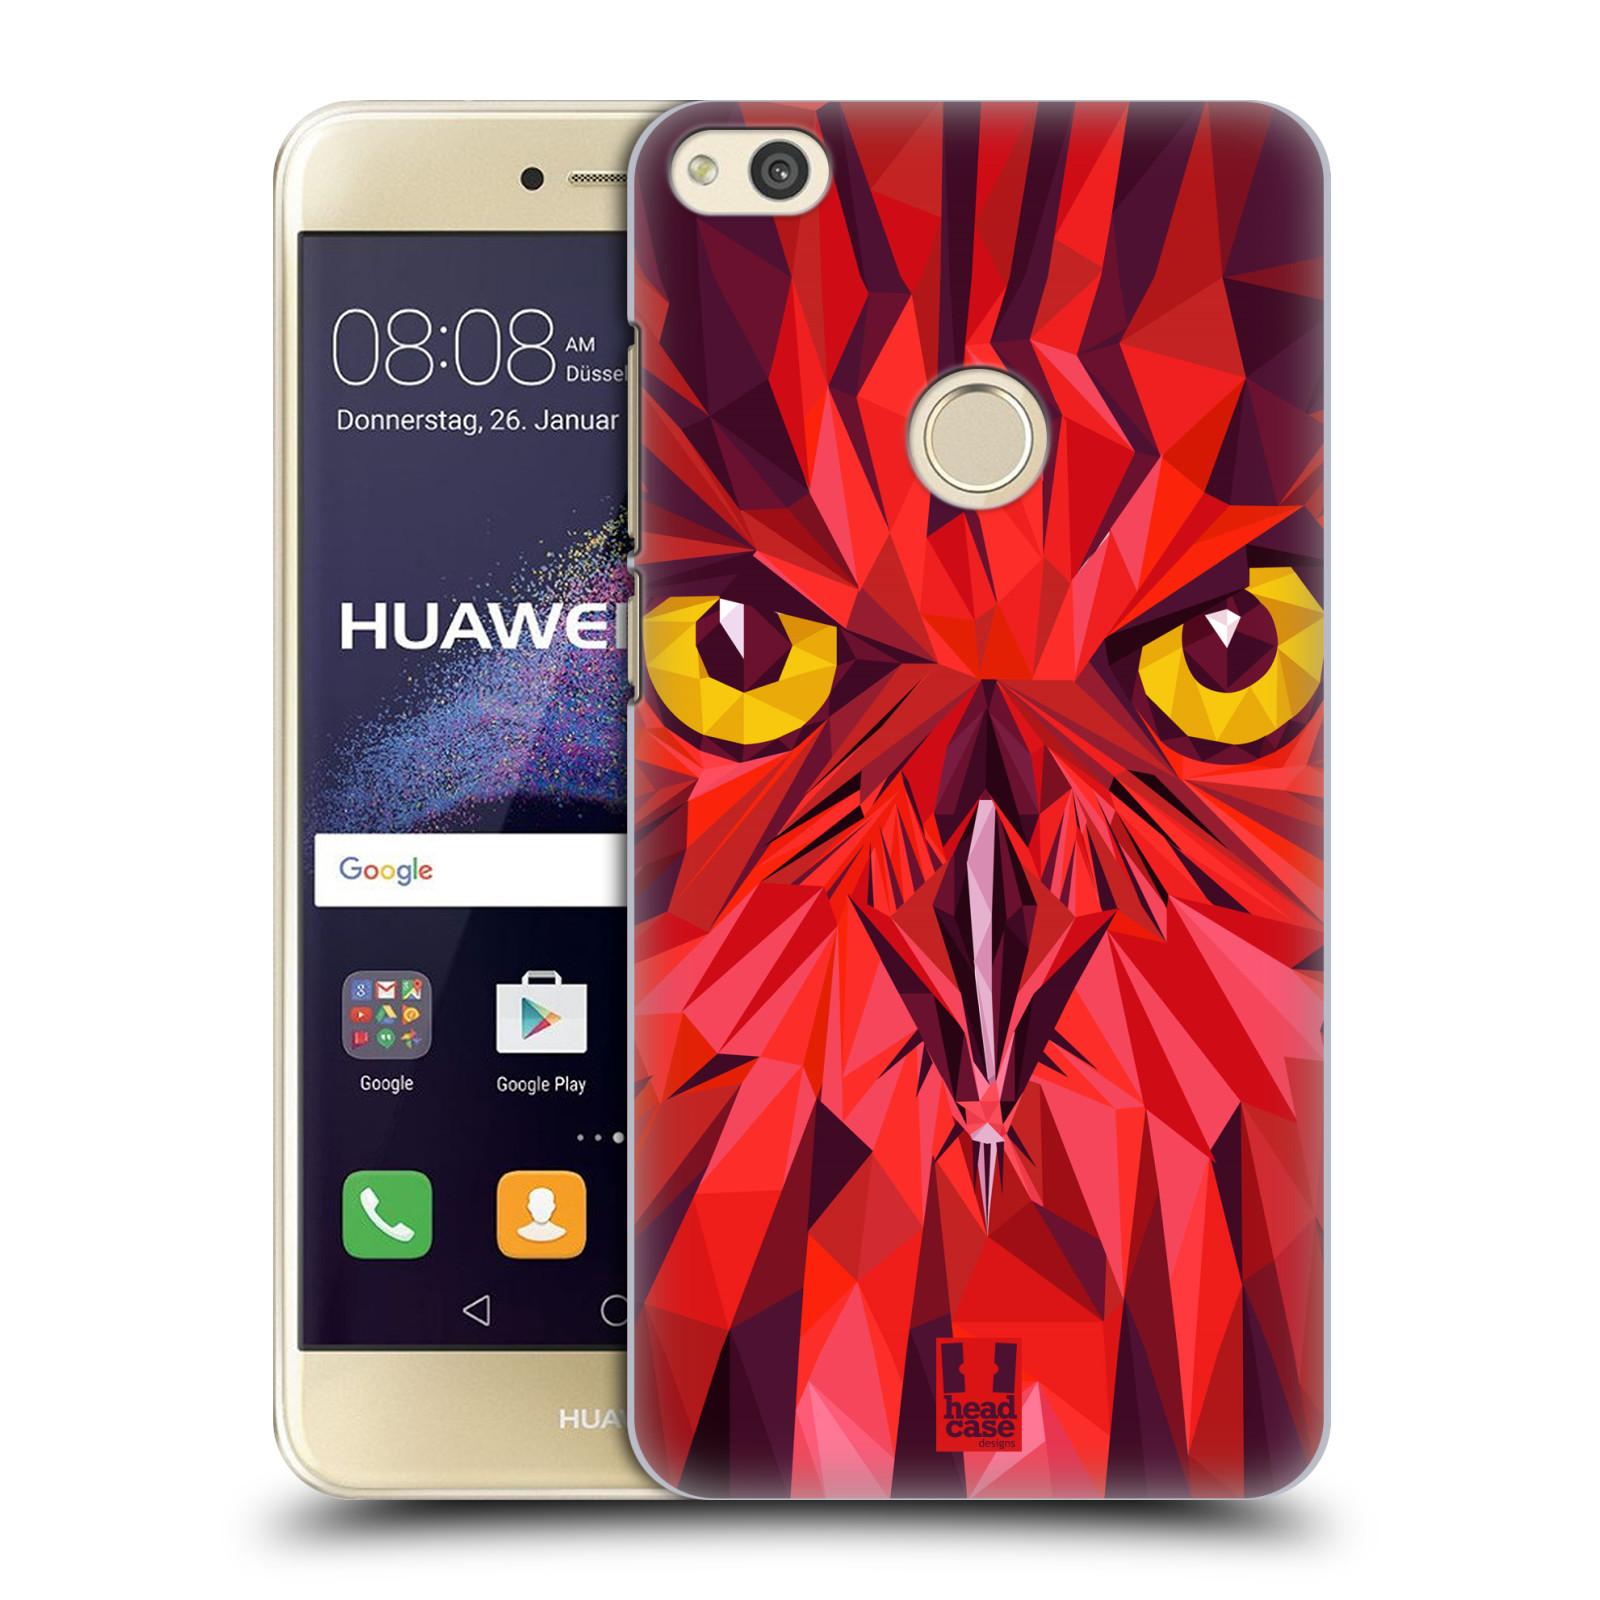 HEAD CASE silikonový obal na mobil Huawei P8 LITE 2017 vzor Geometrická zvířata sova